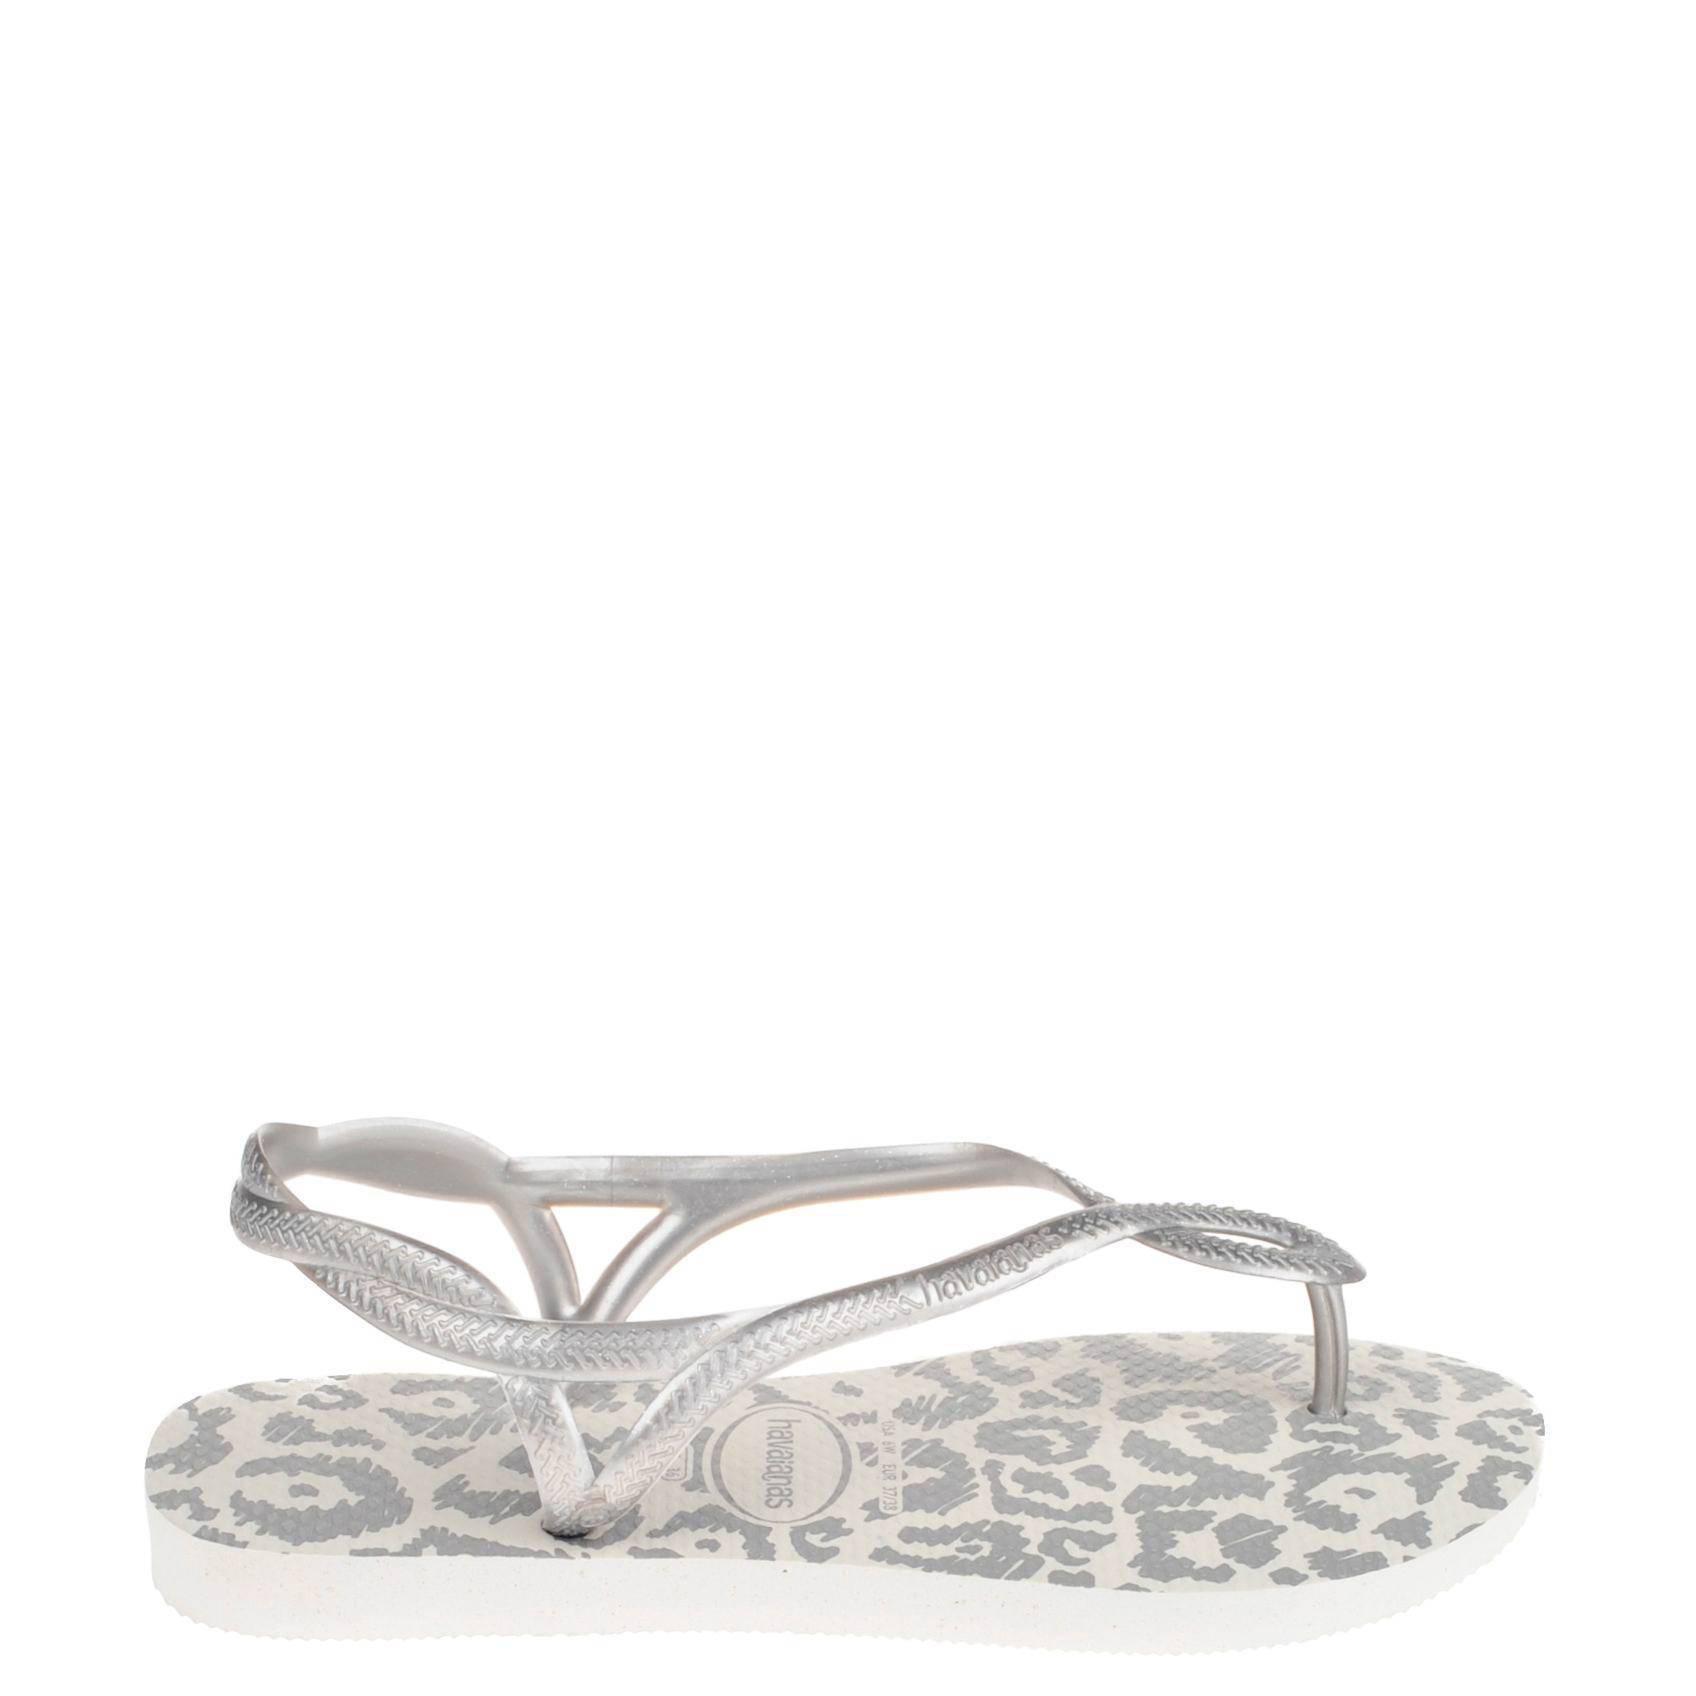 a84959d2ffd071 Havaianas sandalen